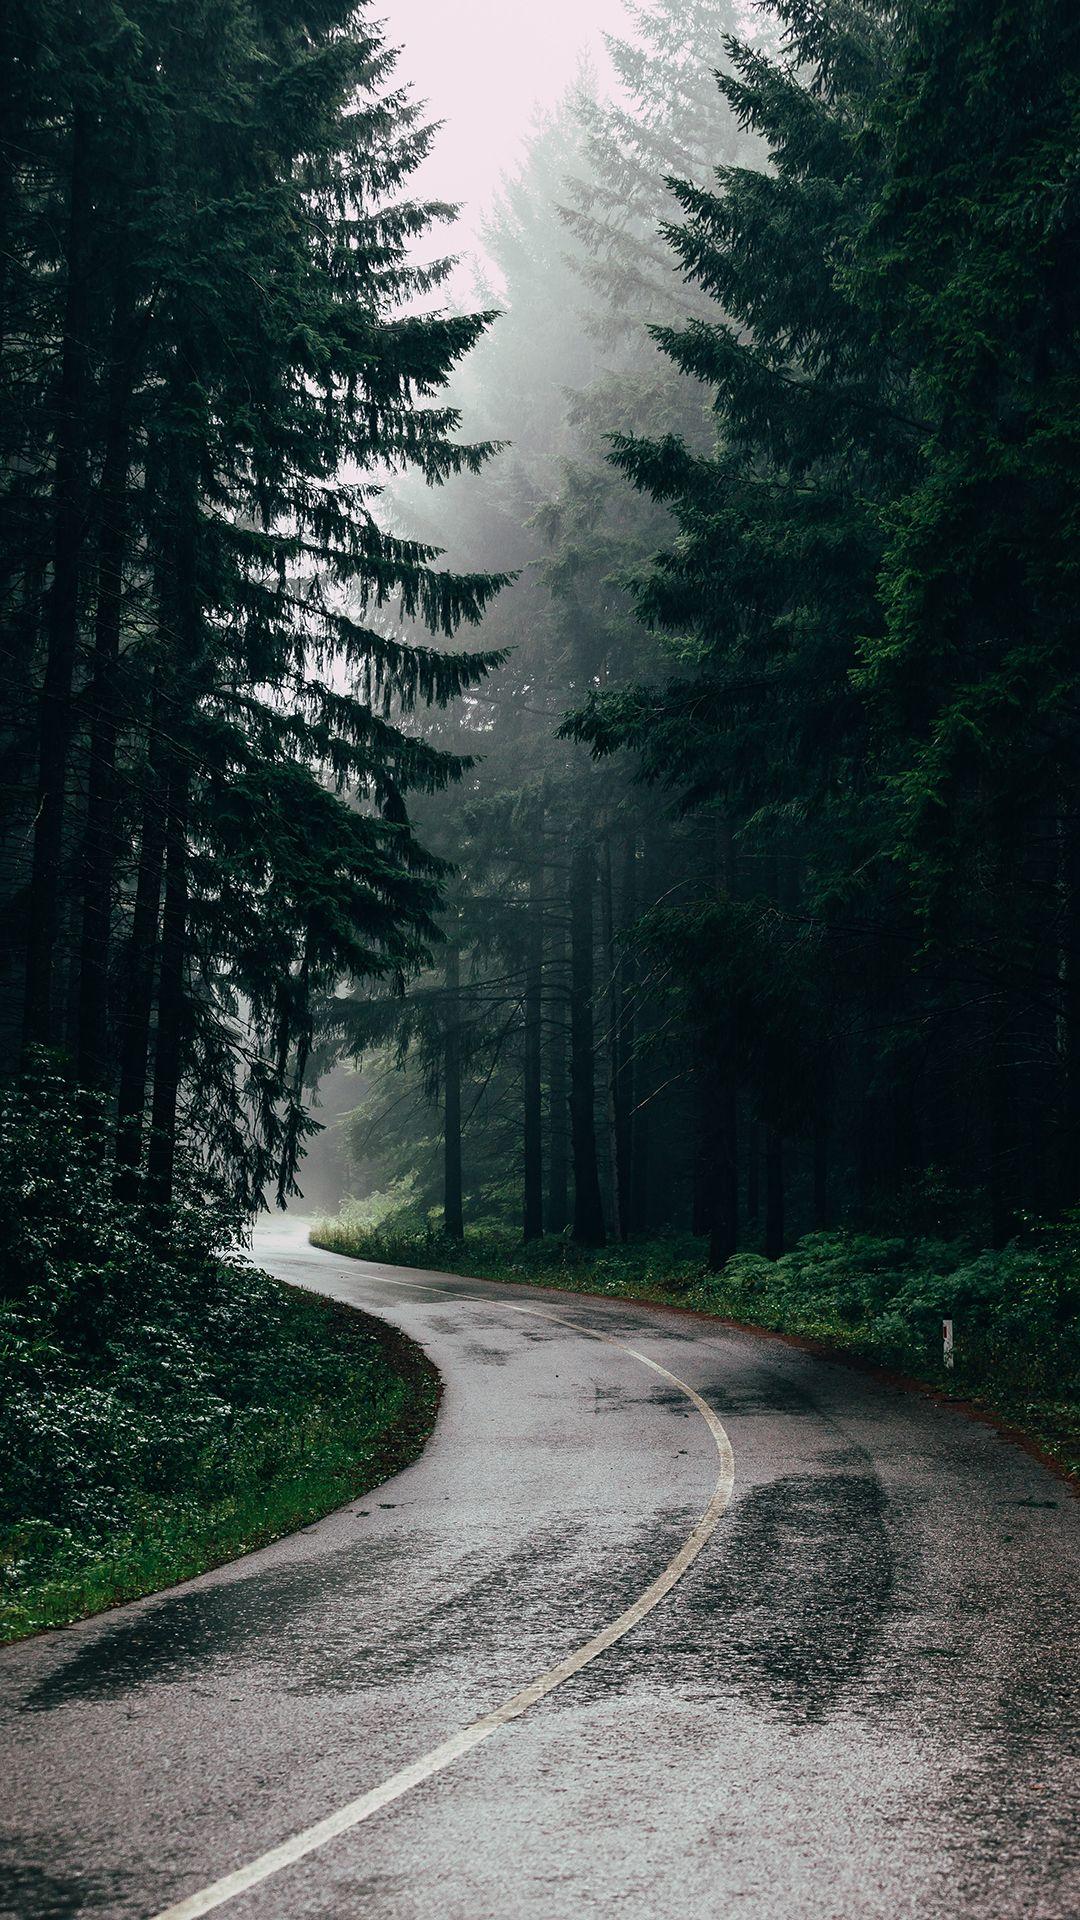 обои ноябрь 2019 лес асфальт зеленый дорога forest road rain autumn november wallpaper